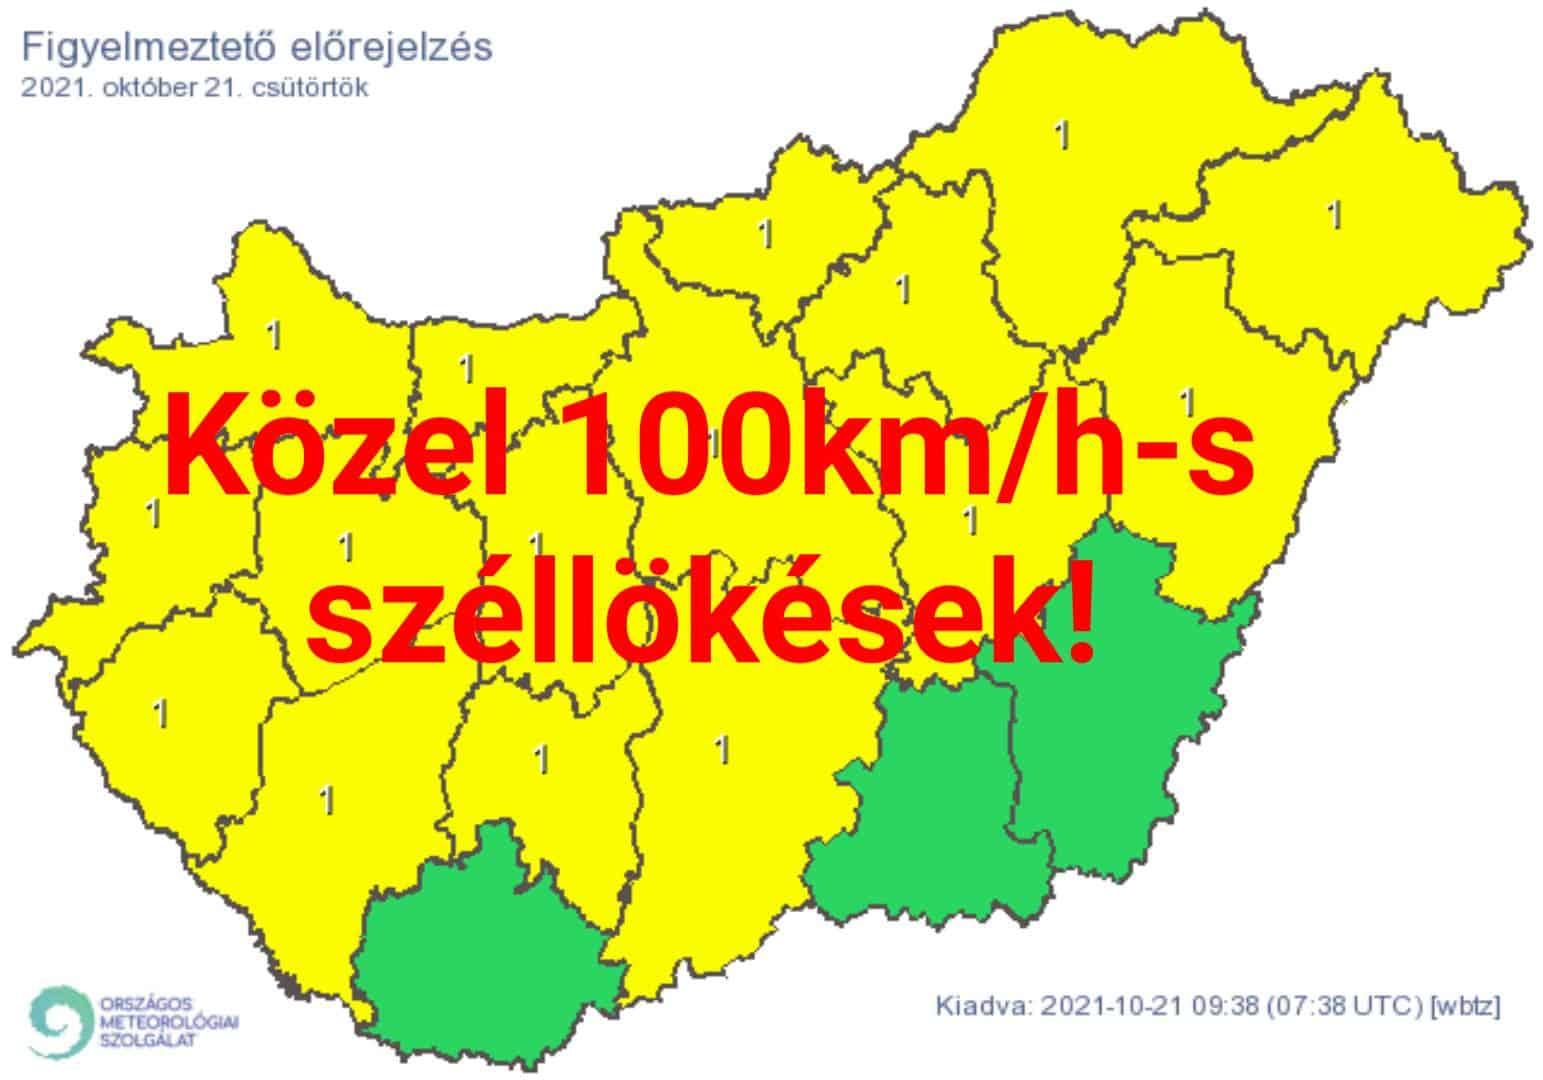 Riasztás szélviharra: közel 100km/h-s lökések! 1